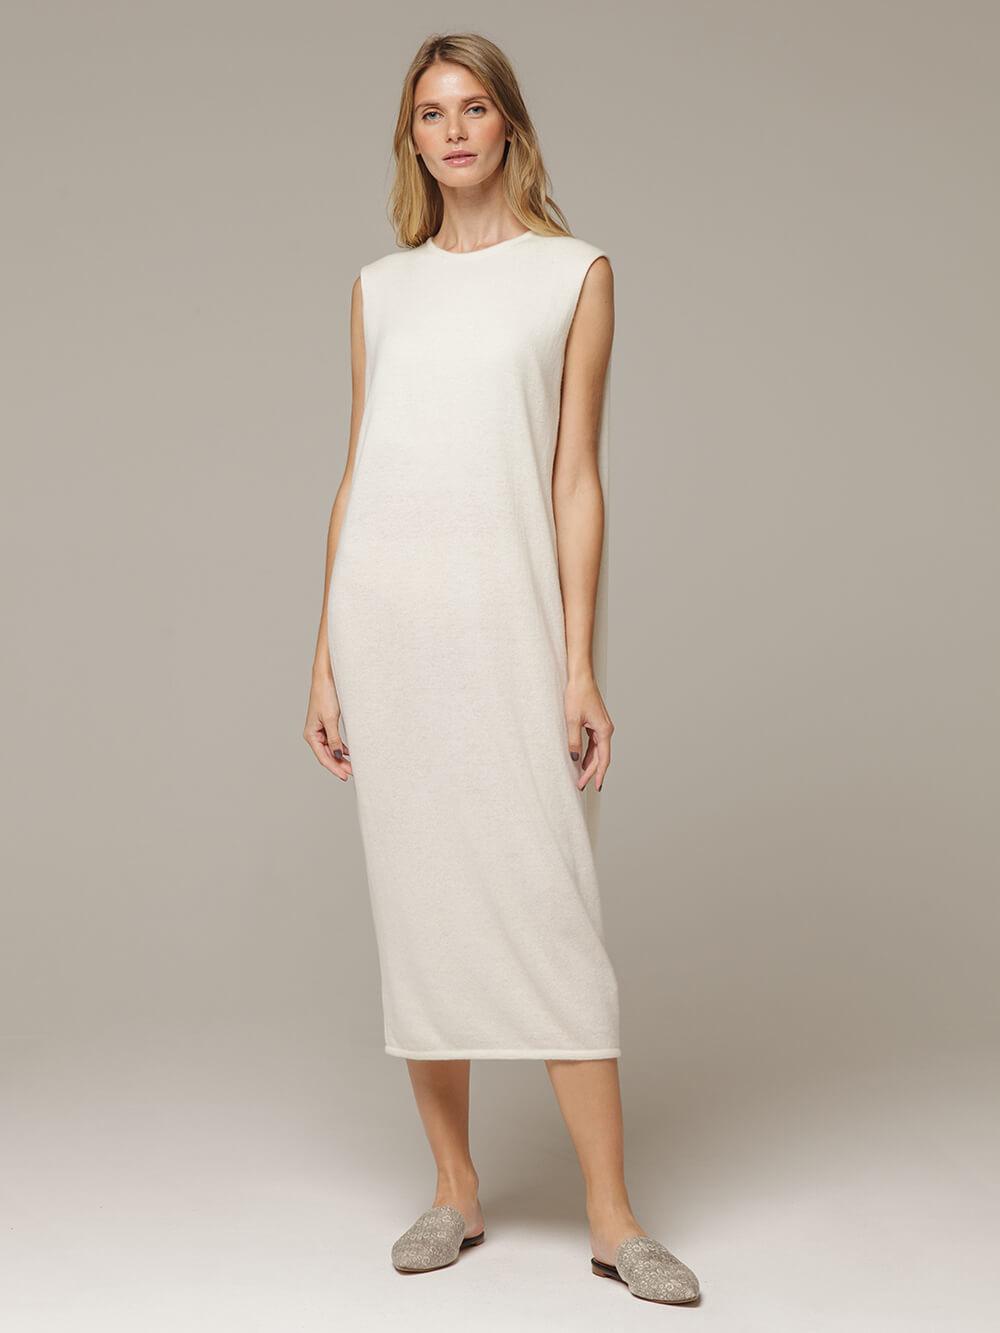 Женское белое платье свободного кроя без рукавов из 100% кашемира - фото 1